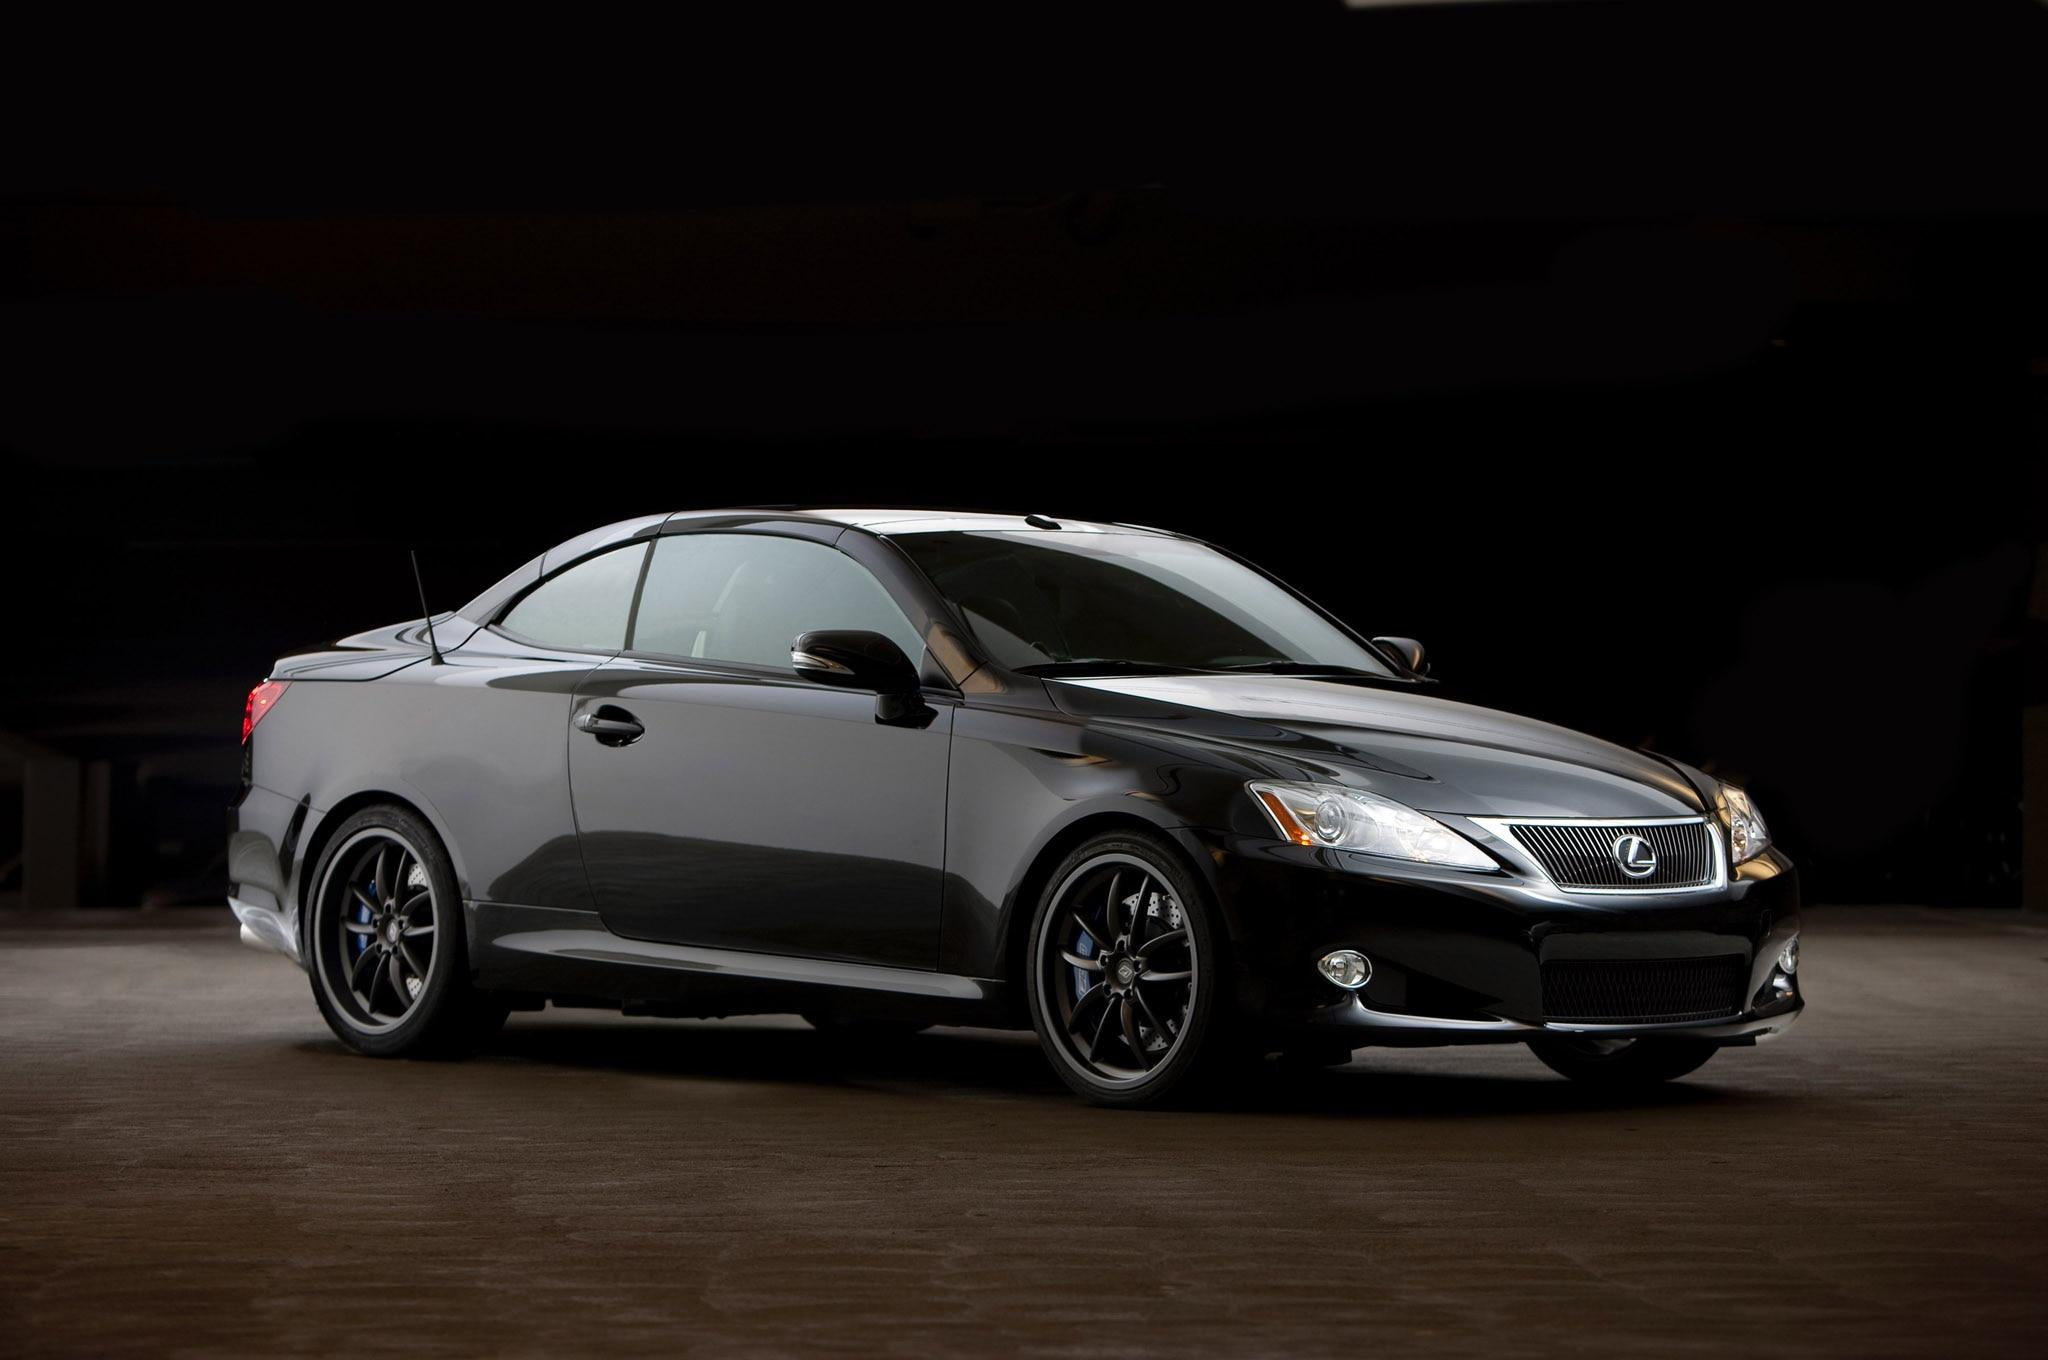 Superior 2013 Lexus ISC F Sport Convertible